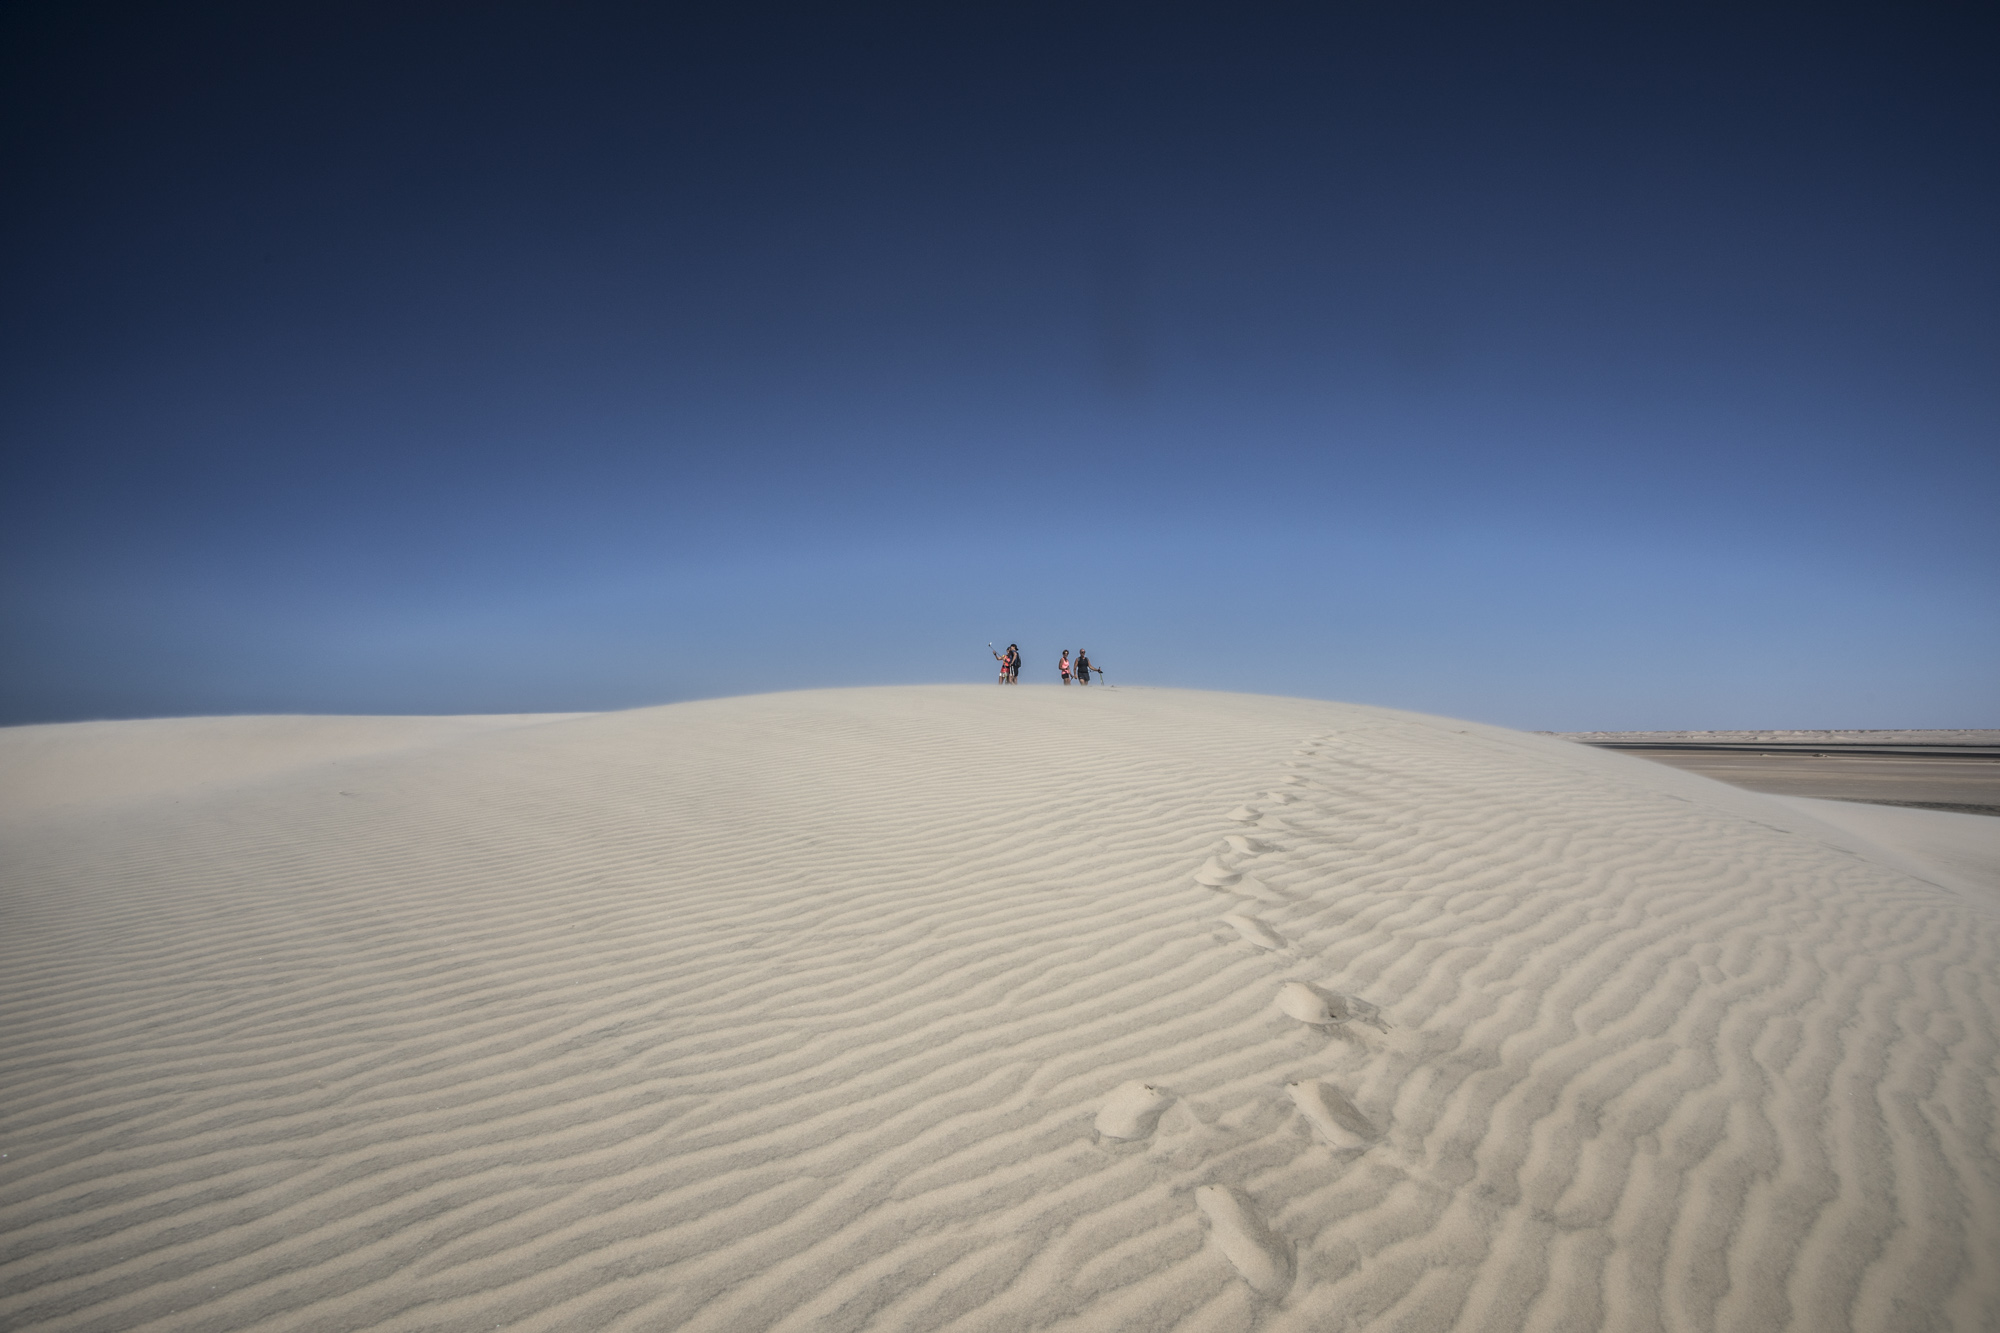 Le Palais Rhoul Dakhla | hotel spa | Marche Nordique la dune blanche